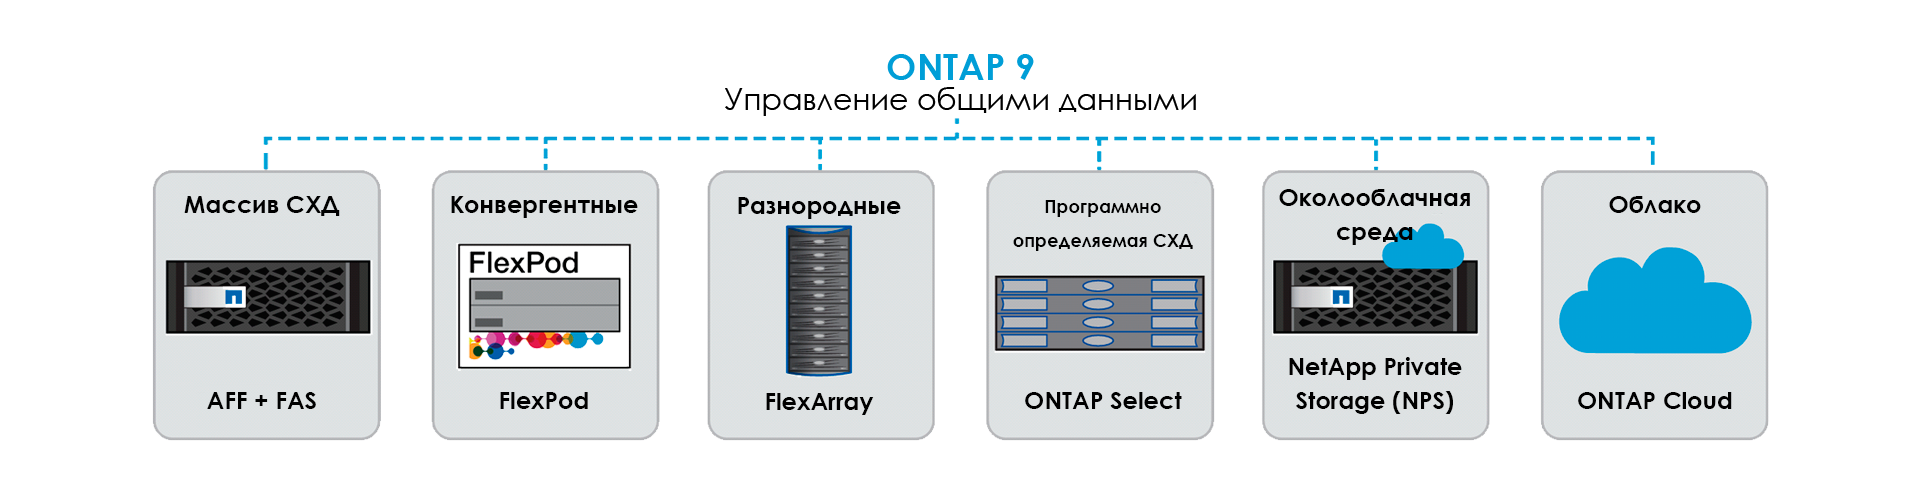 Программное обеспечение NetApp ONTAP 9 - Управление общими данными